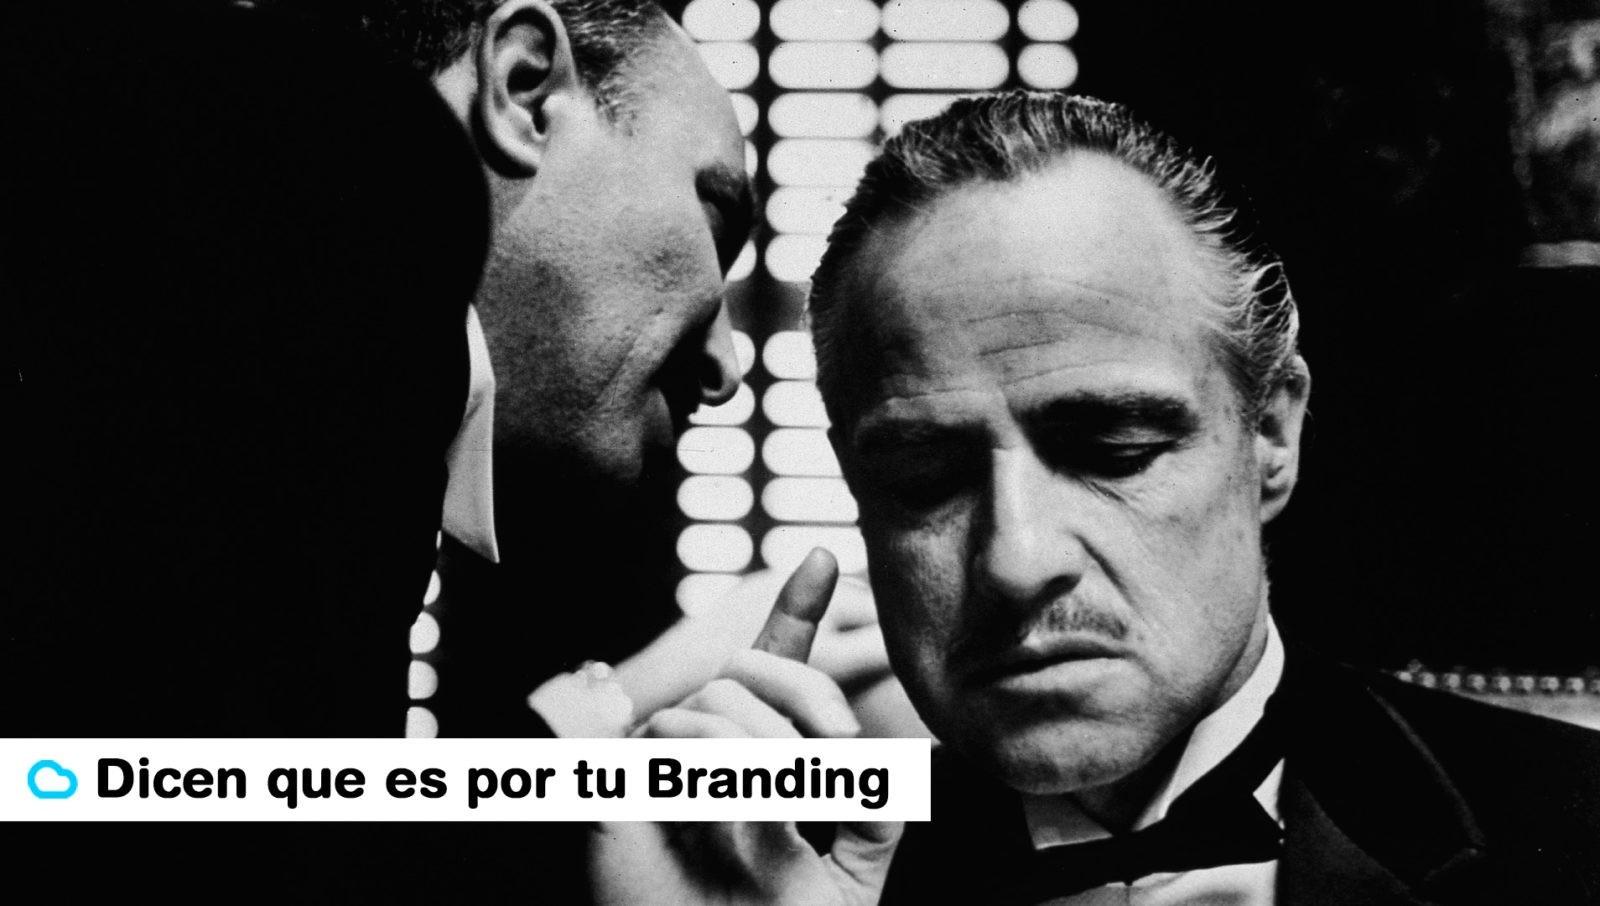 Lo que hacemos: Branding, ese concepto tan omnipresente…